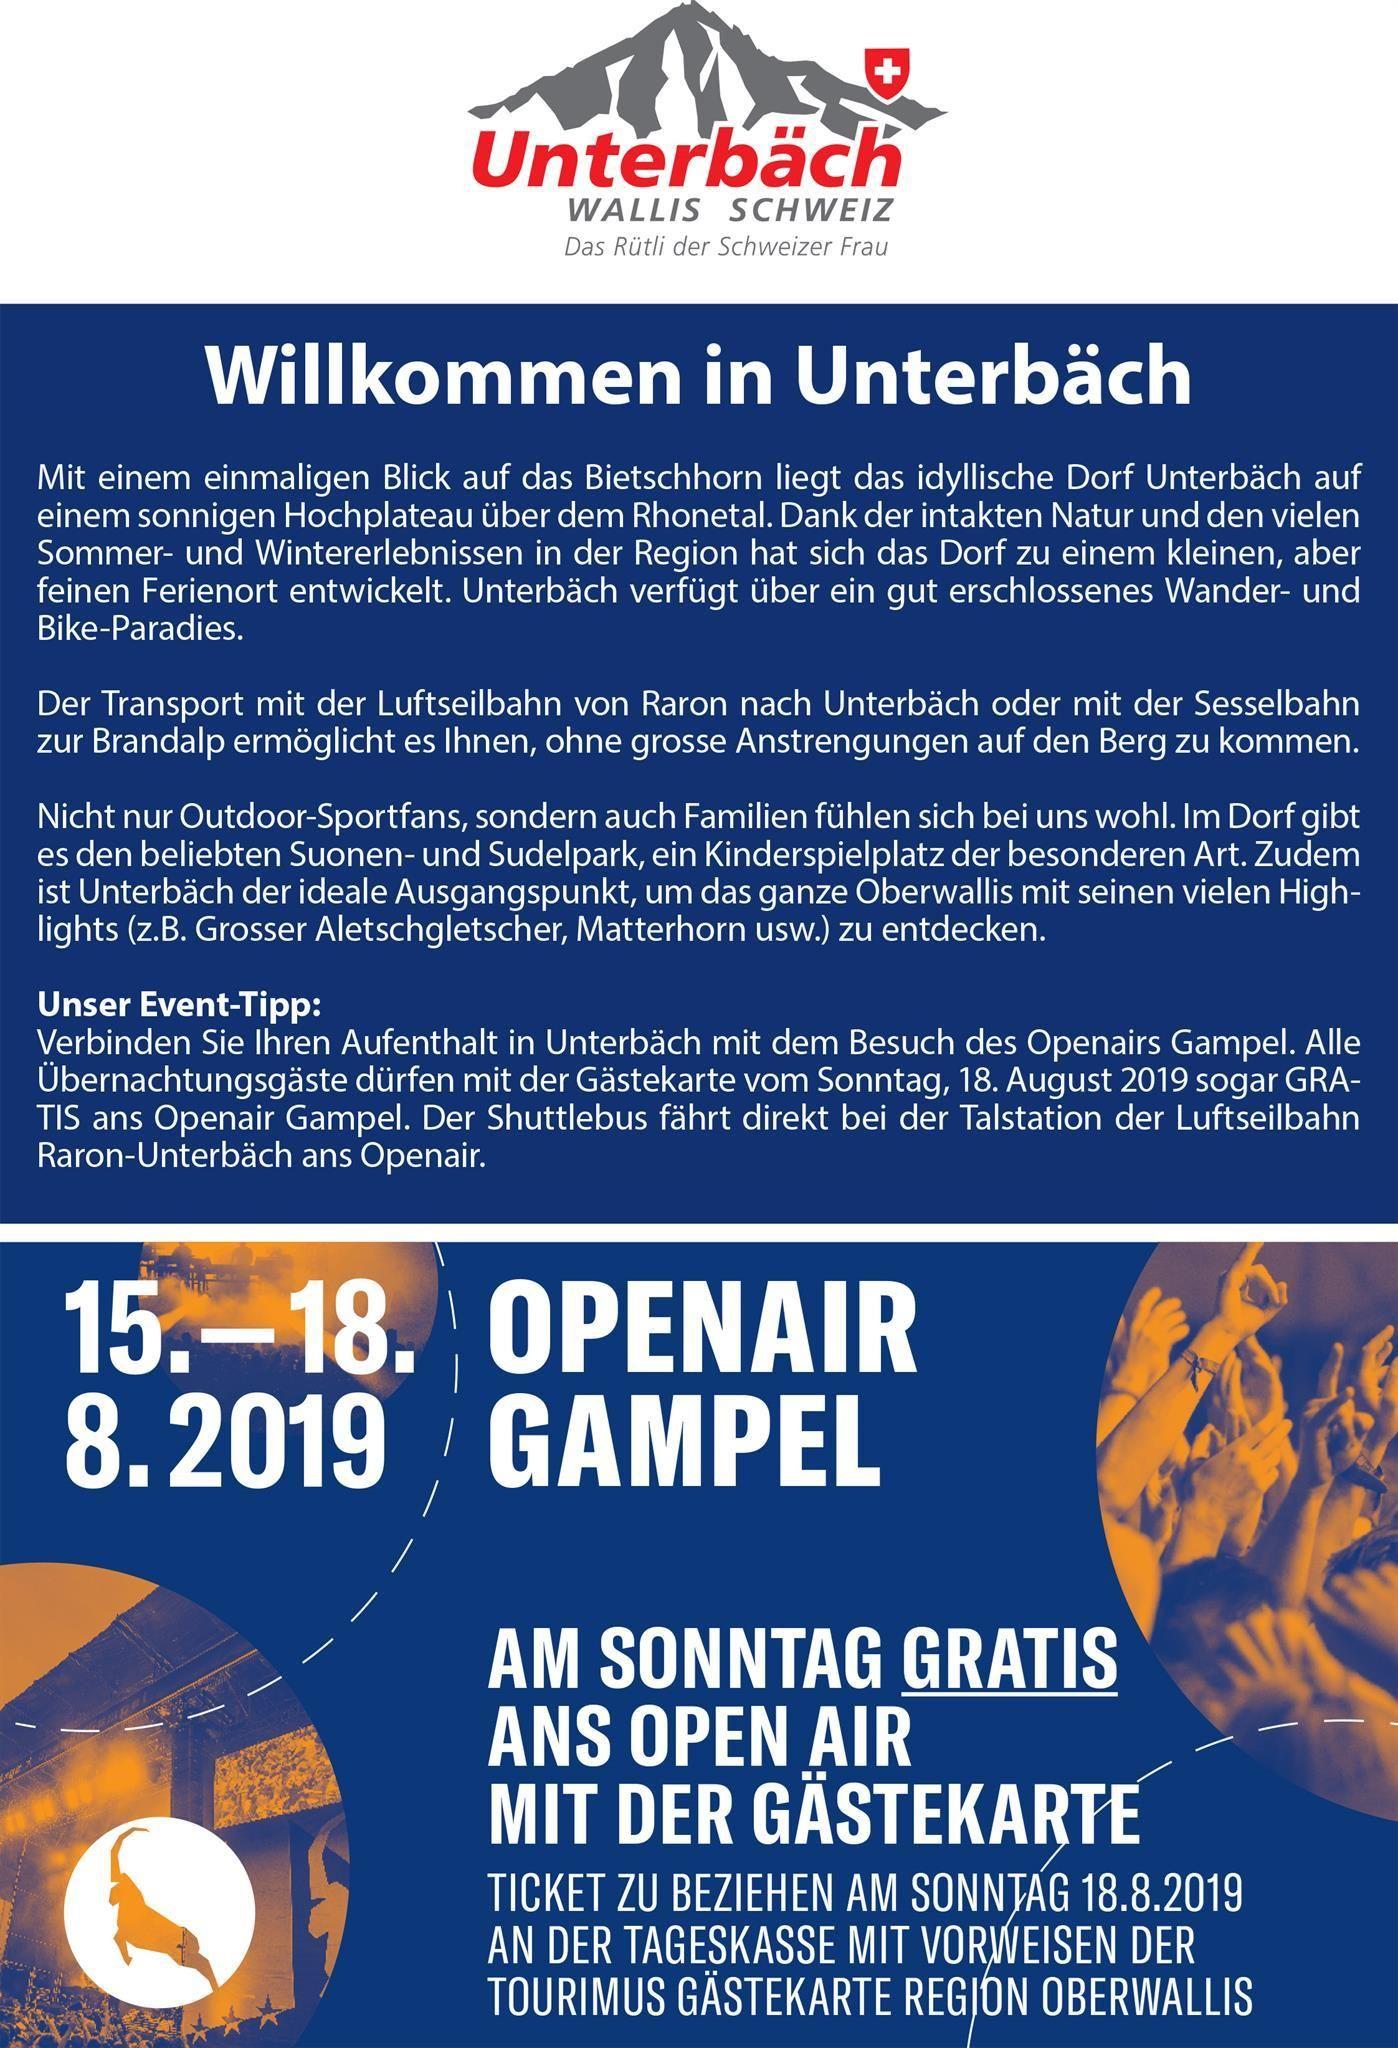 Open Air Gampel